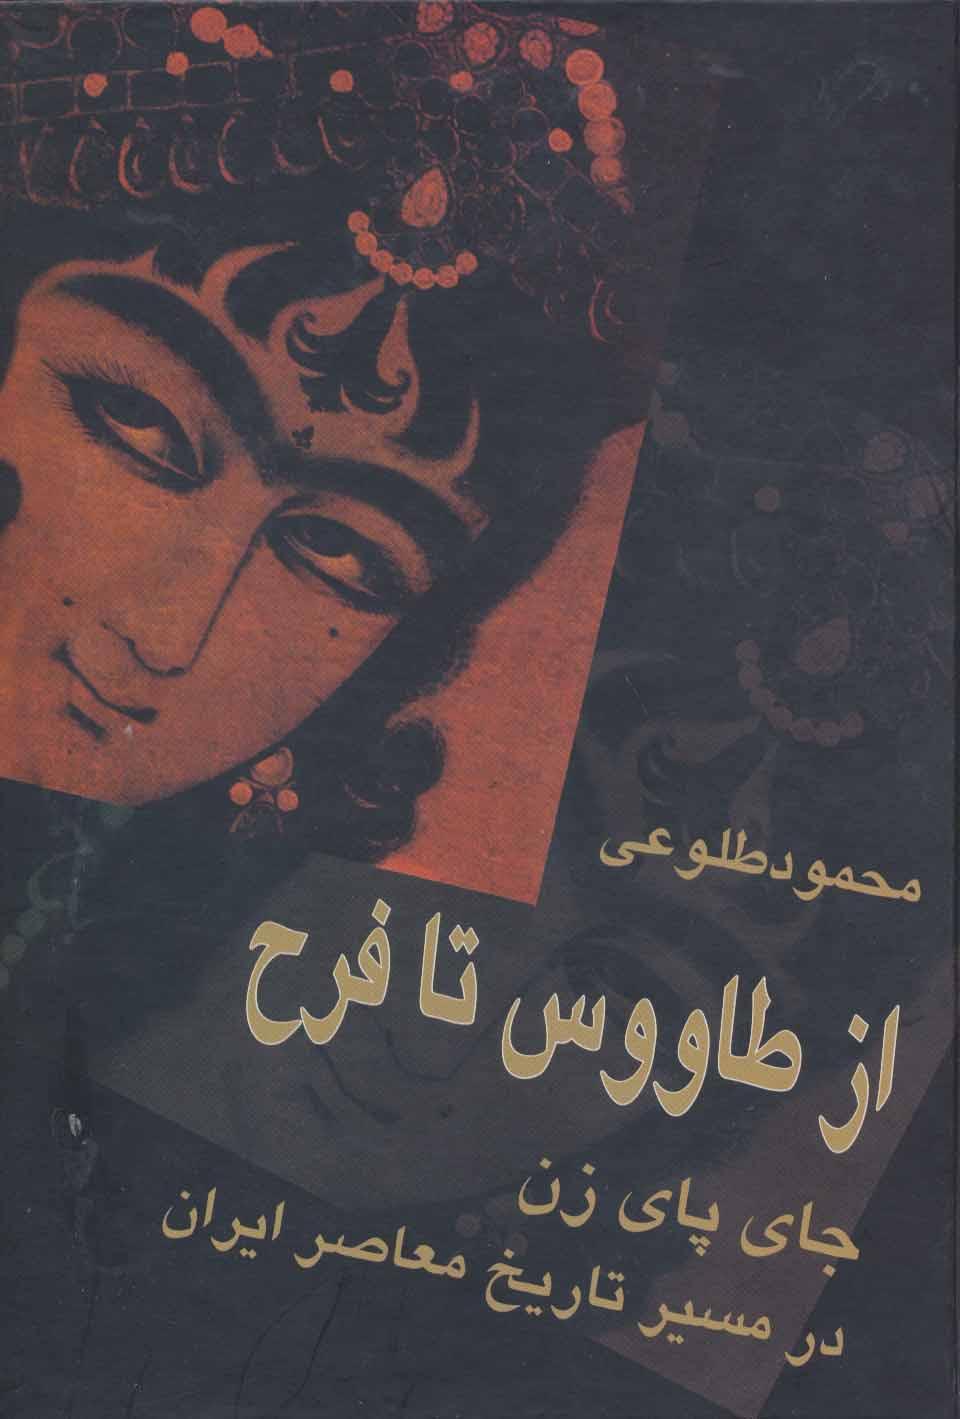 کتاب از طاووس تا فرح: جای پای زن در مسیر تاریخ معاصر ایران